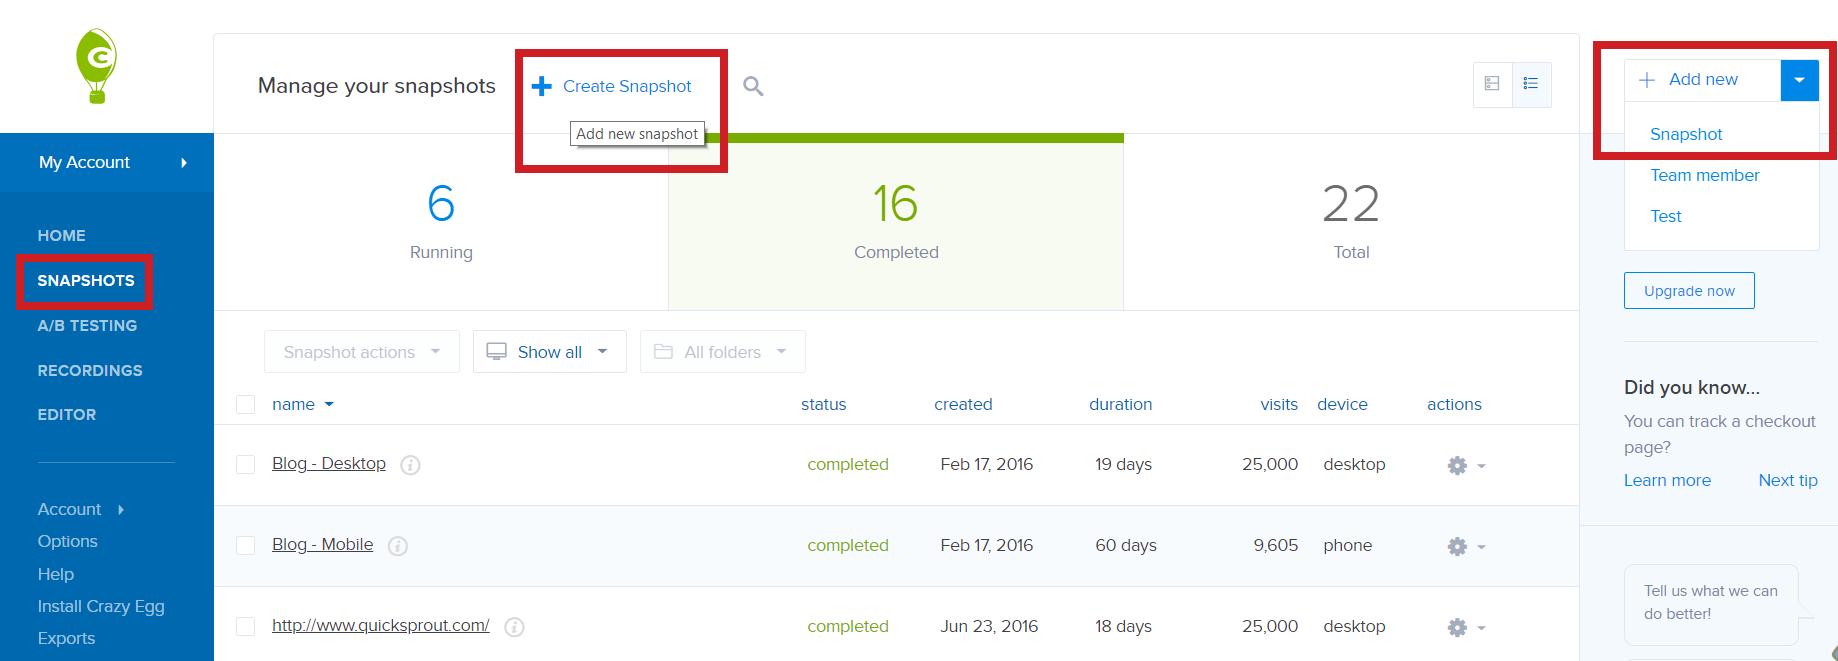 Cómo utilizar una herramienta de seguimiento de clics en el sitio para mejorar la experiencia del usuario - 1630972501 889 Como utilizar una herramienta de seguimiento de clics en el